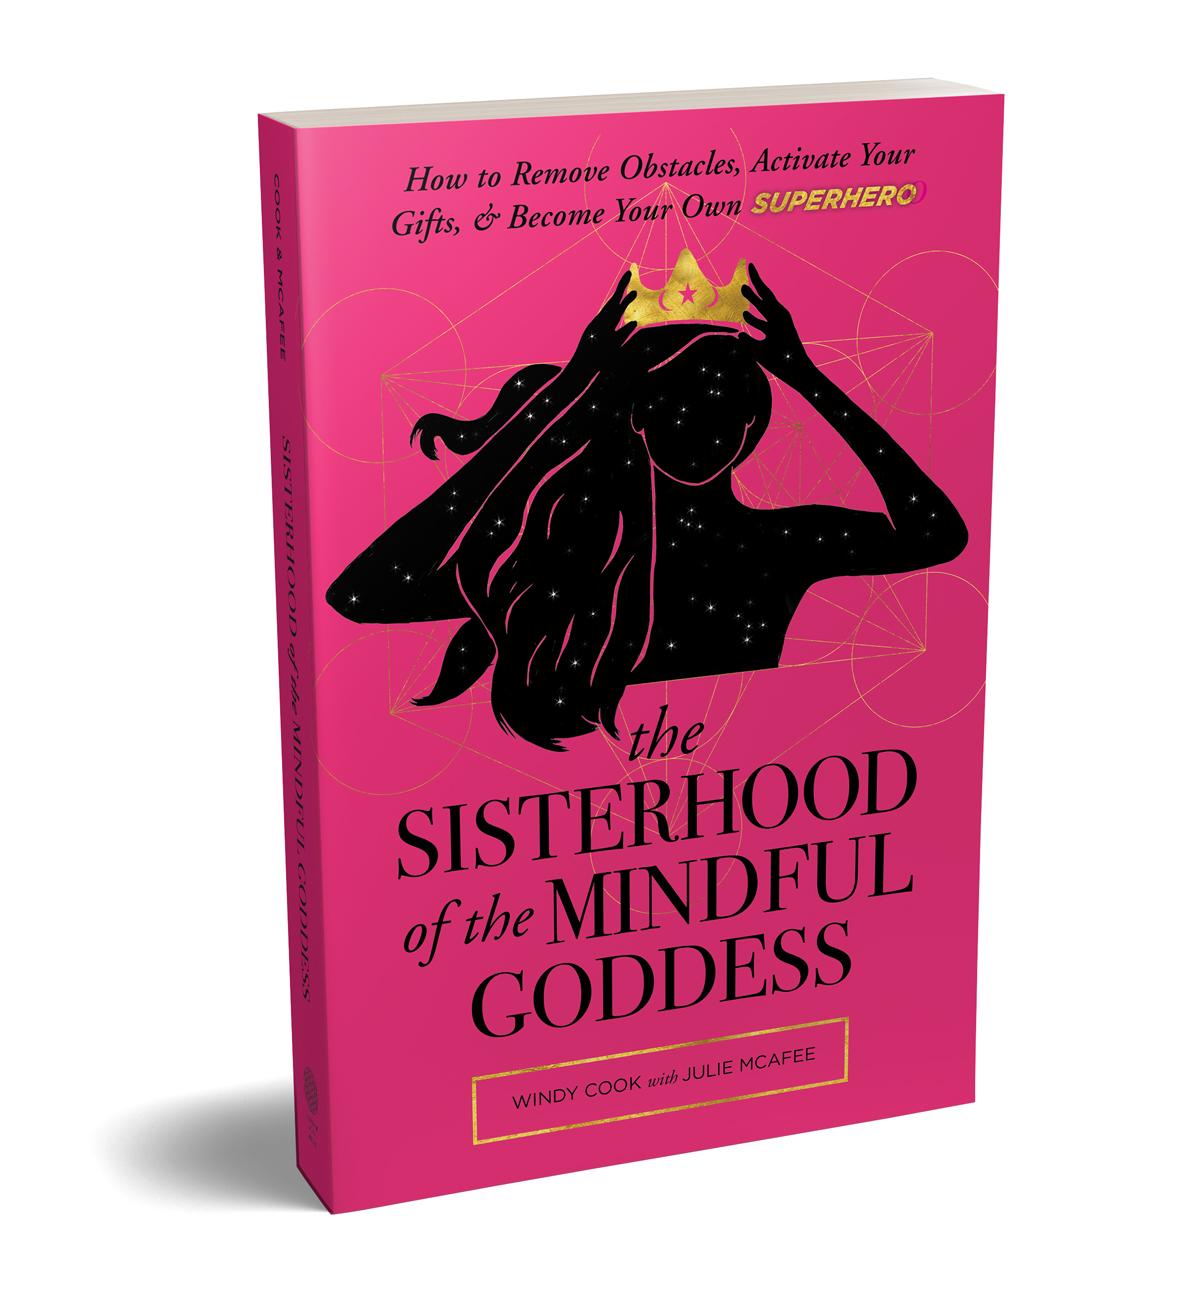 Sisterhood of the Mindful Goddess